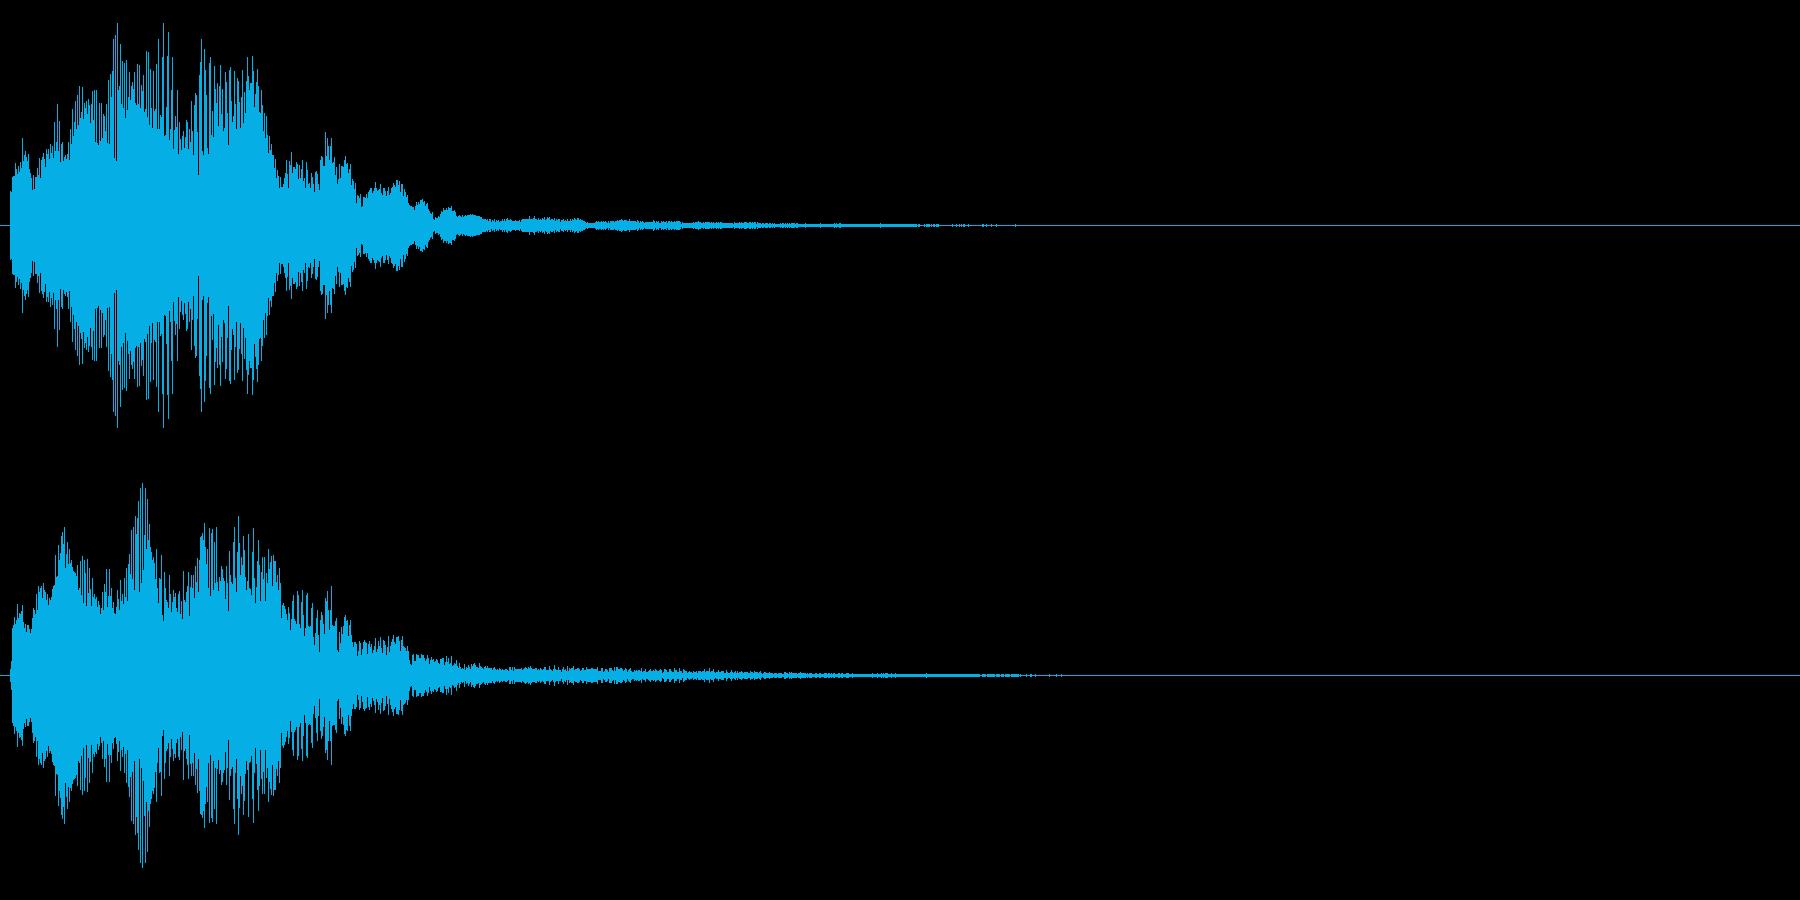 キラリン音A7 2音色×8フレーズの再生済みの波形